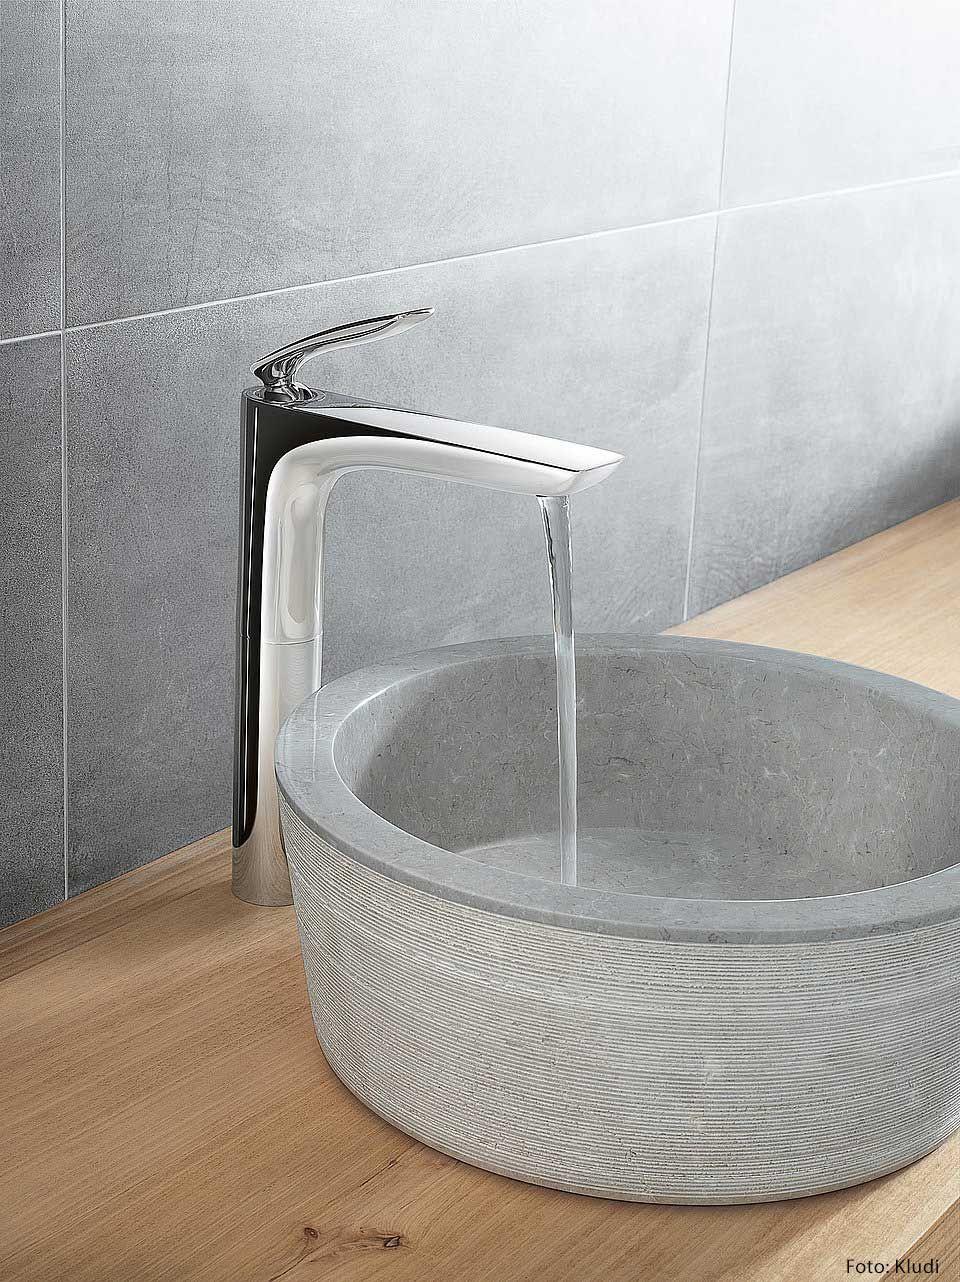 Badezimmer Mit Waschschale Statt Klassischem Waschbecken Waschschussel Ablaufgarnitur Bad